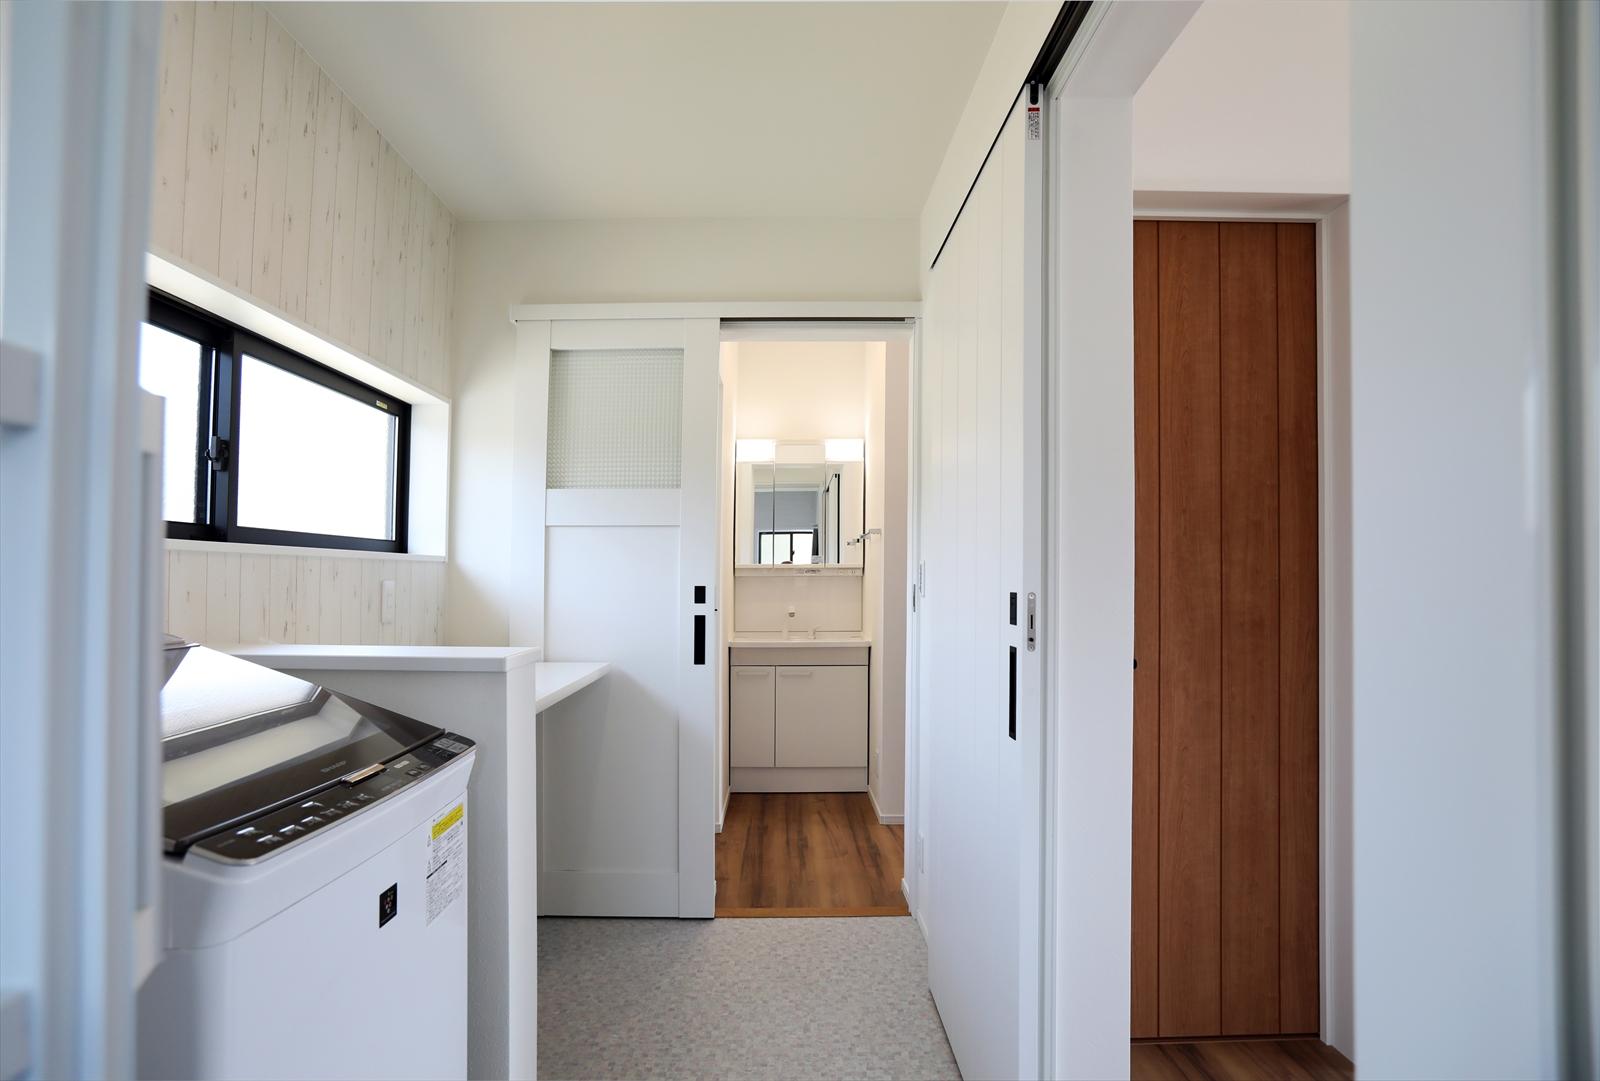 風呂・脱衣所・洗面所・トイレと水まわりを集約。脱衣所には洗濯機と便利なランドリースペース。